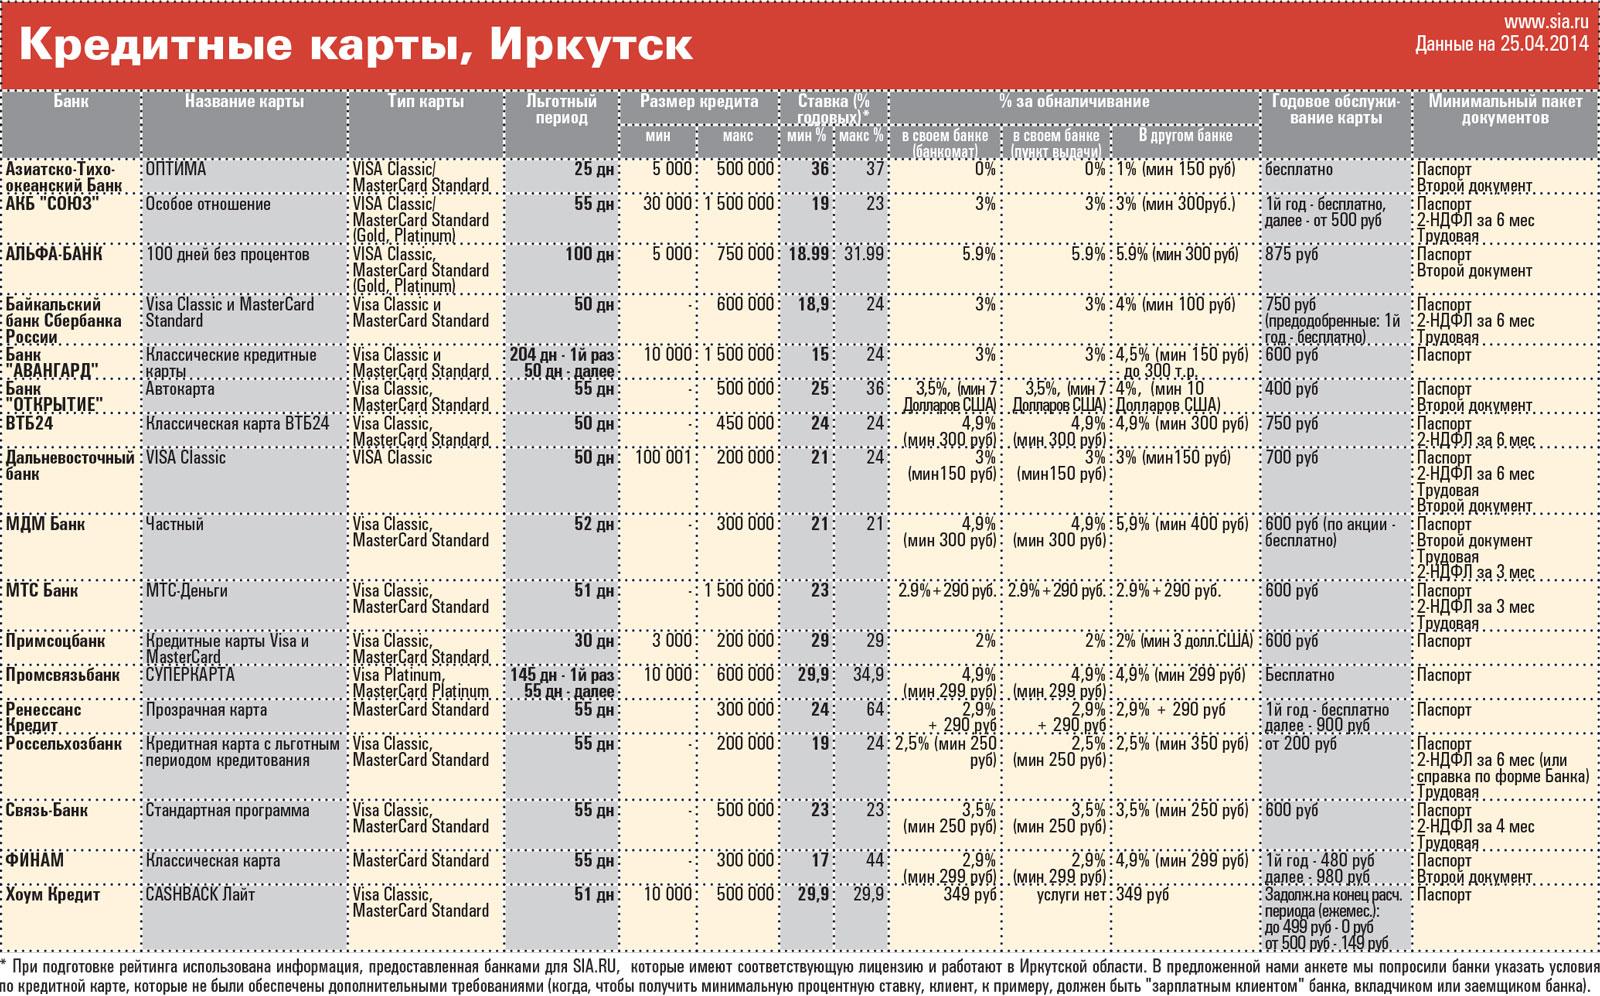 кредитные карты банков иркутска оформить займ без звонков оператора